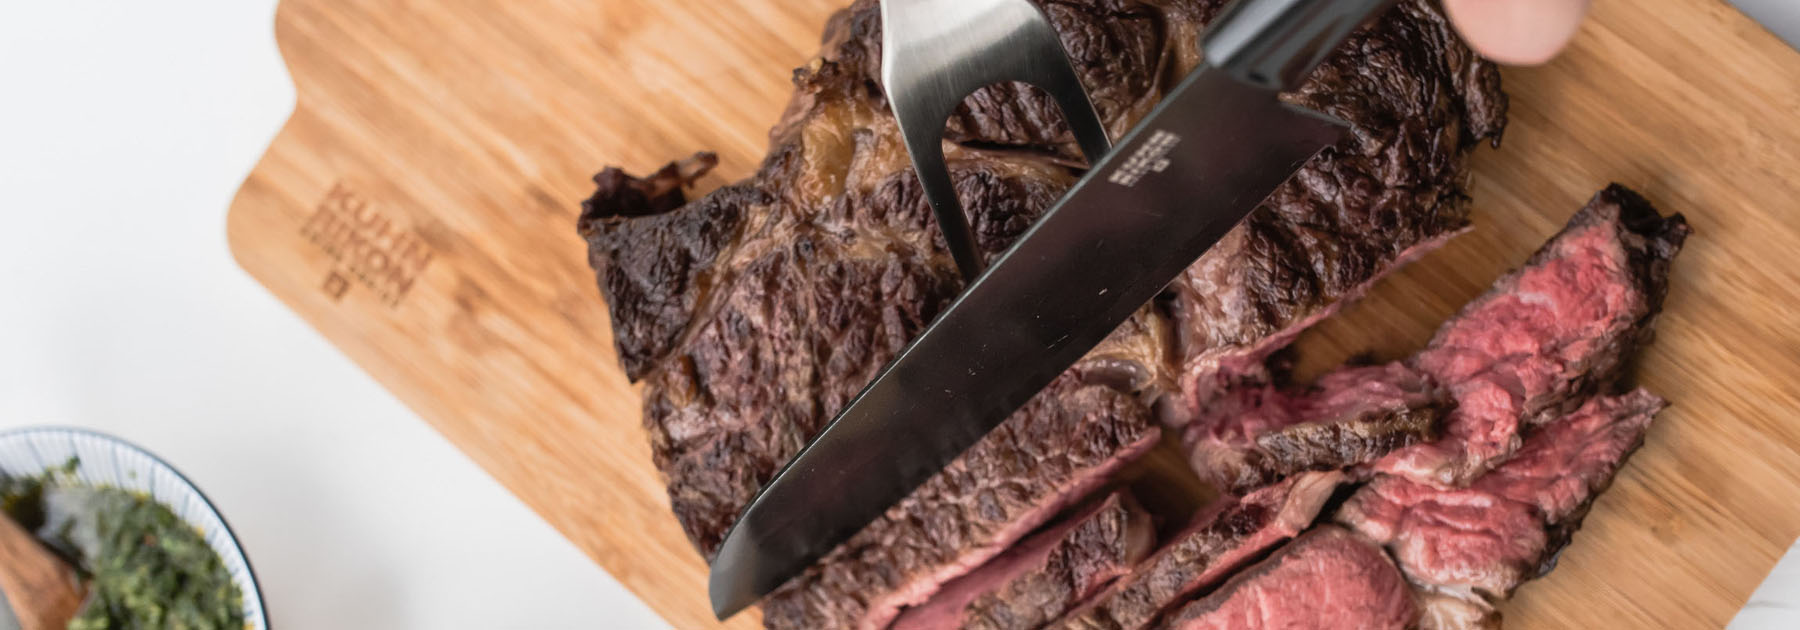 COLORI CHEFS KNIVES super sharp all purpose knives